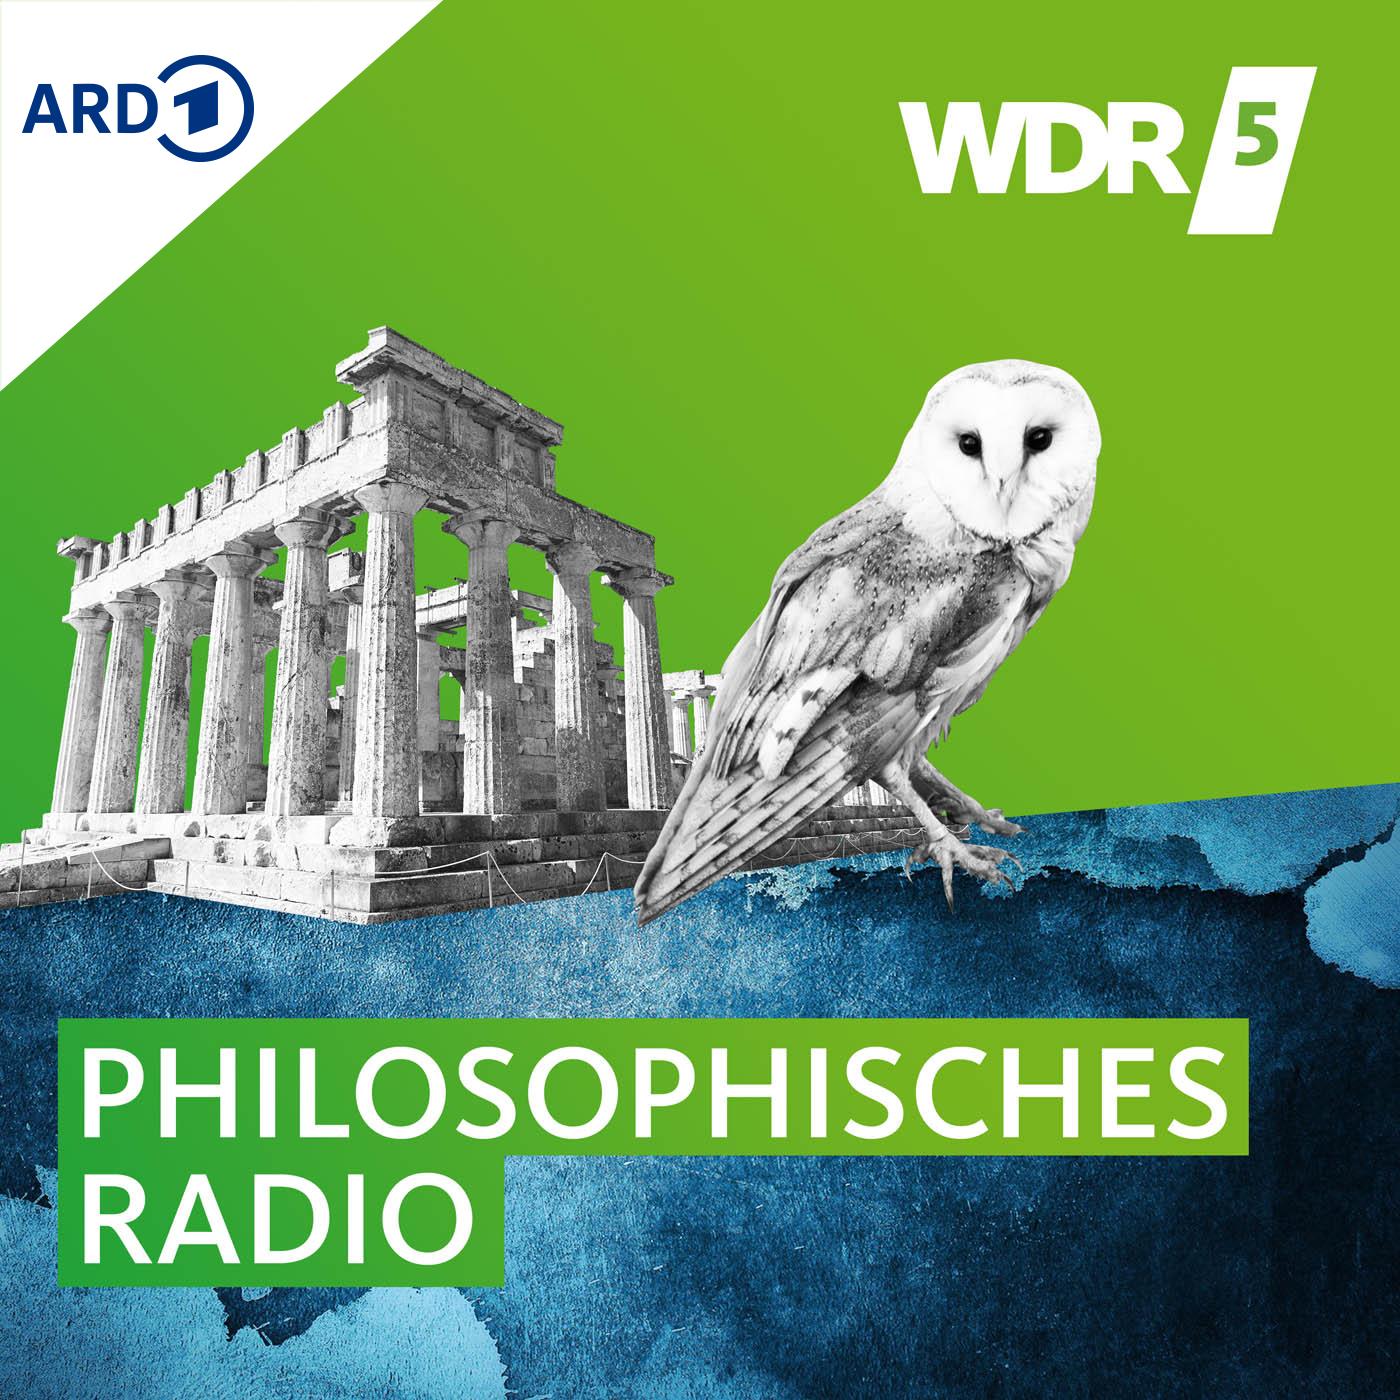 Denn Denken Hat Was Wdr 5 Das Philosophische Radio